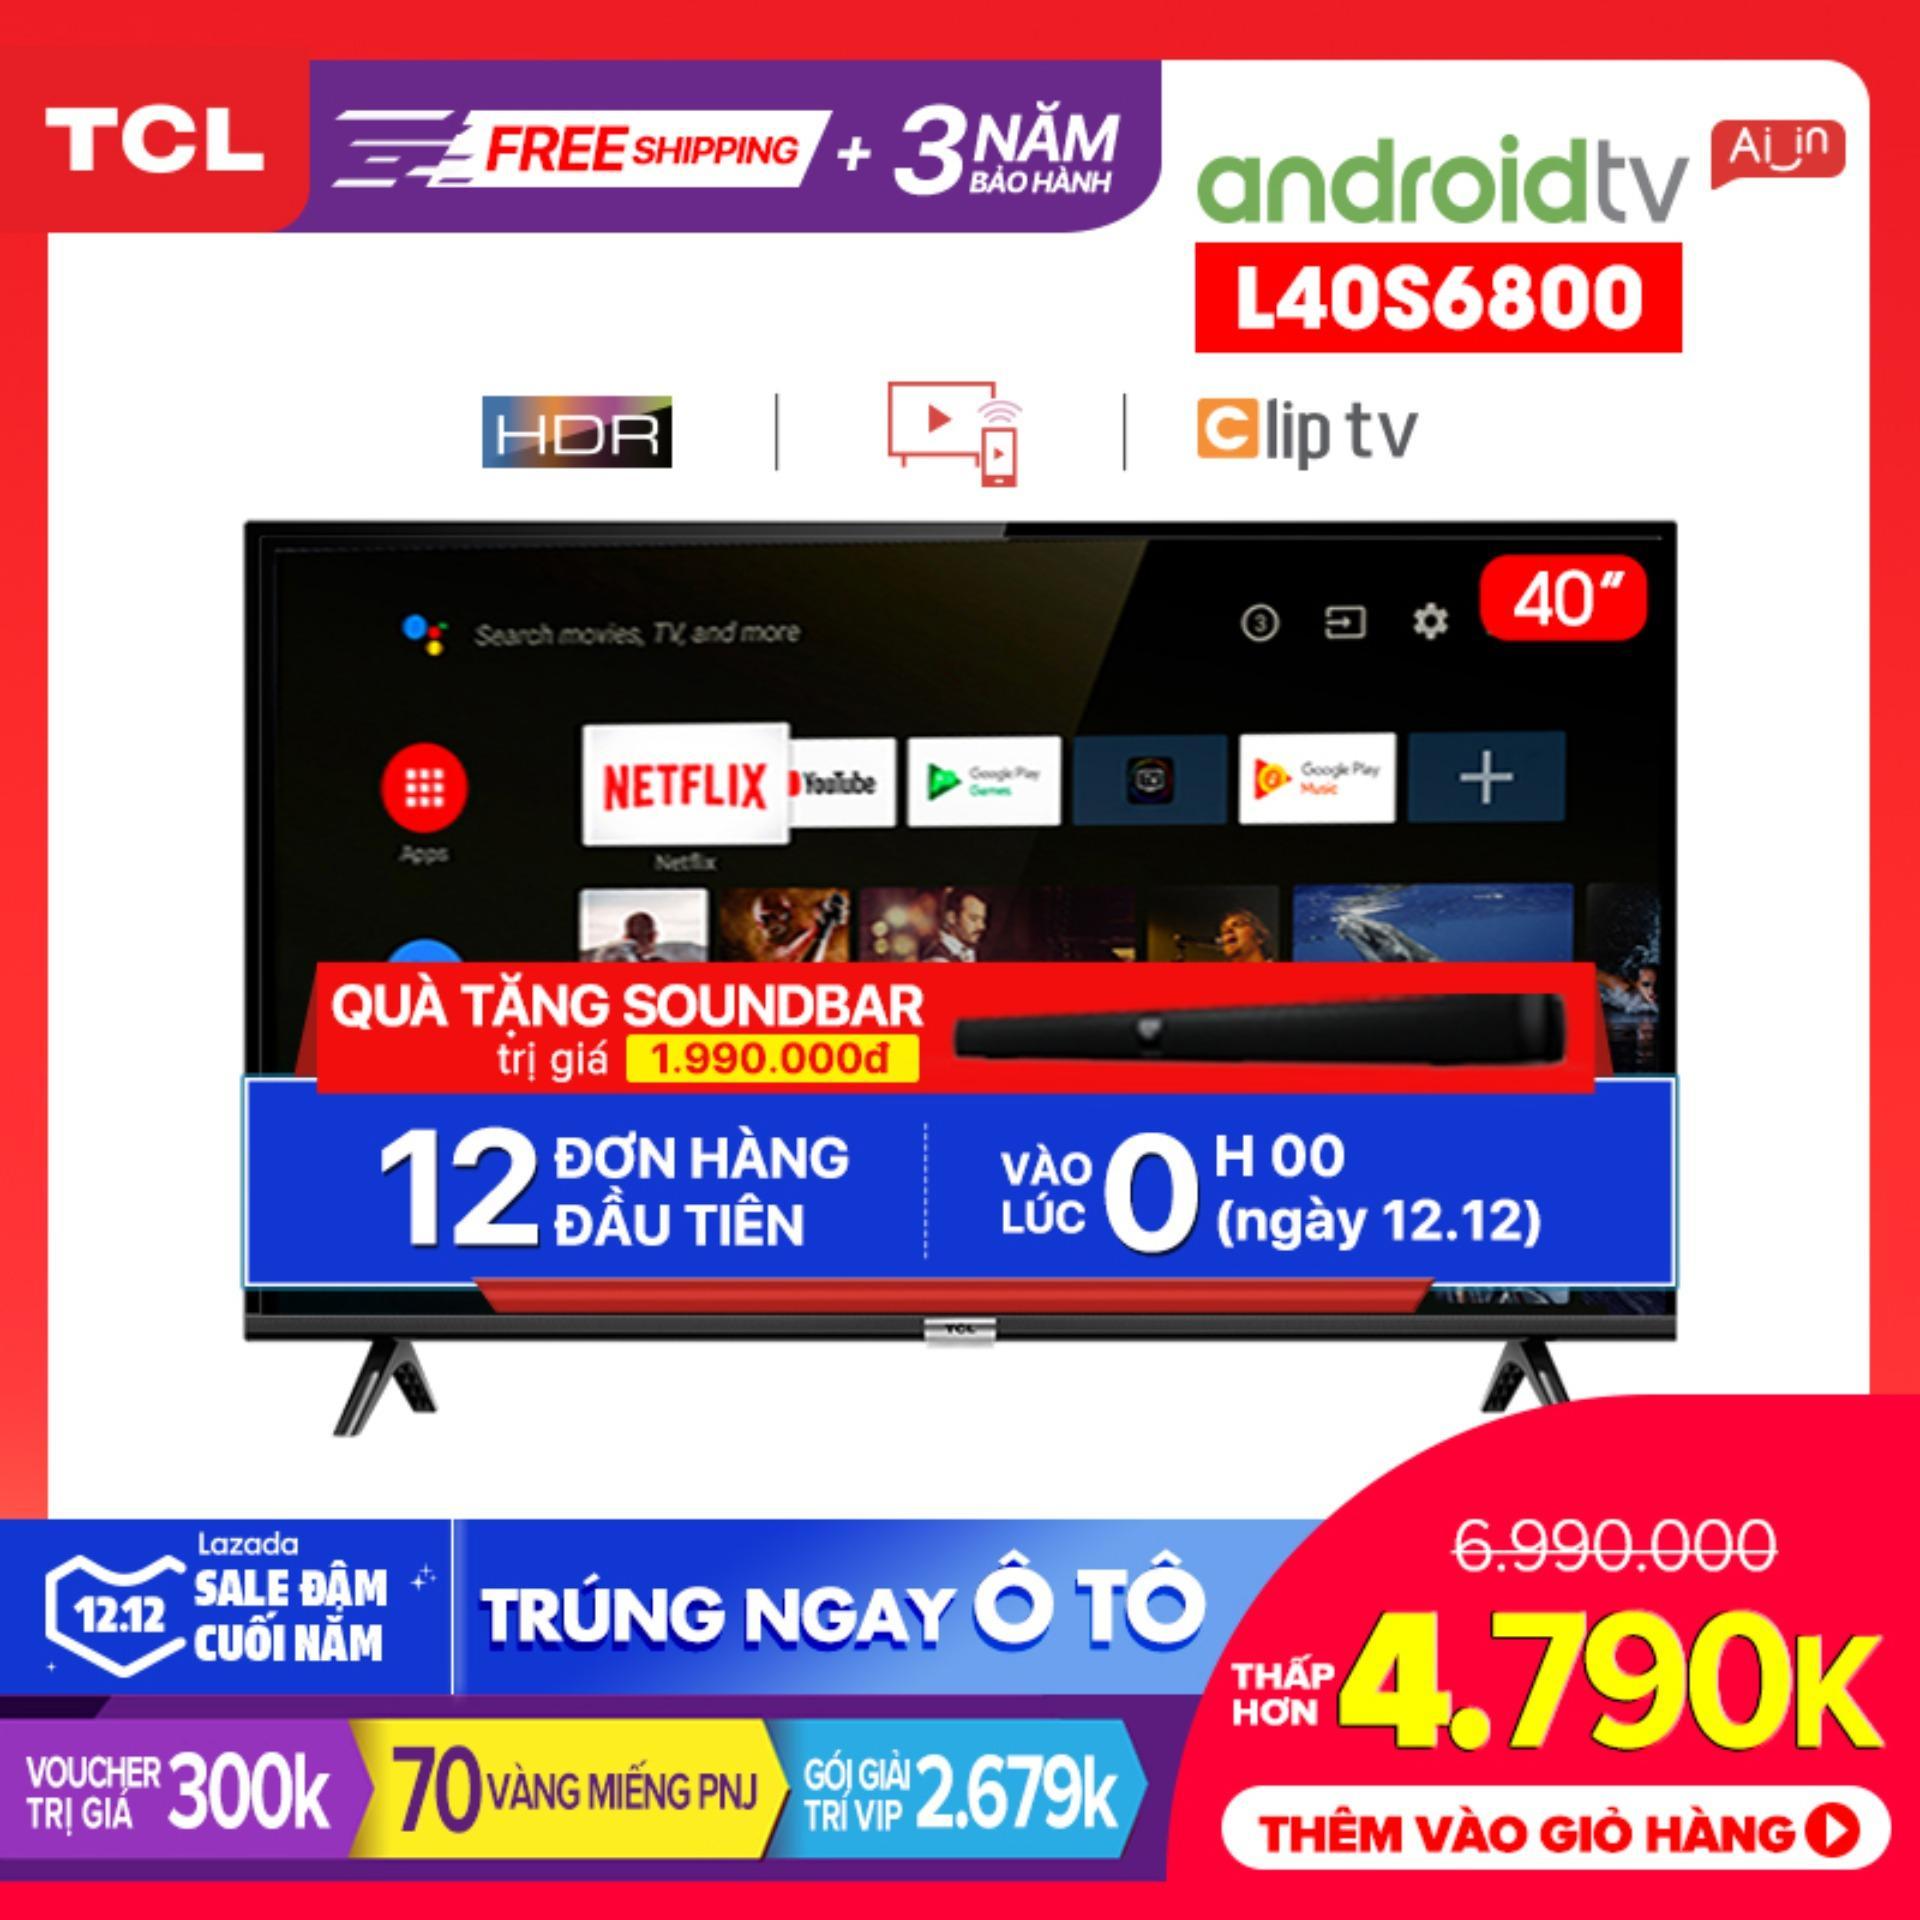 Smart TV TCL Android 8.0 40 Inch Full HD Wifi - L40S6800 - HDR, Micro Dimming, Dolby, Chromecast, T-cast, AI+IN - Tivi Giá Rẻ Chất Lượng - Bảo Hành 3 Năm Cùng Giá Khuyến Mãi Hot